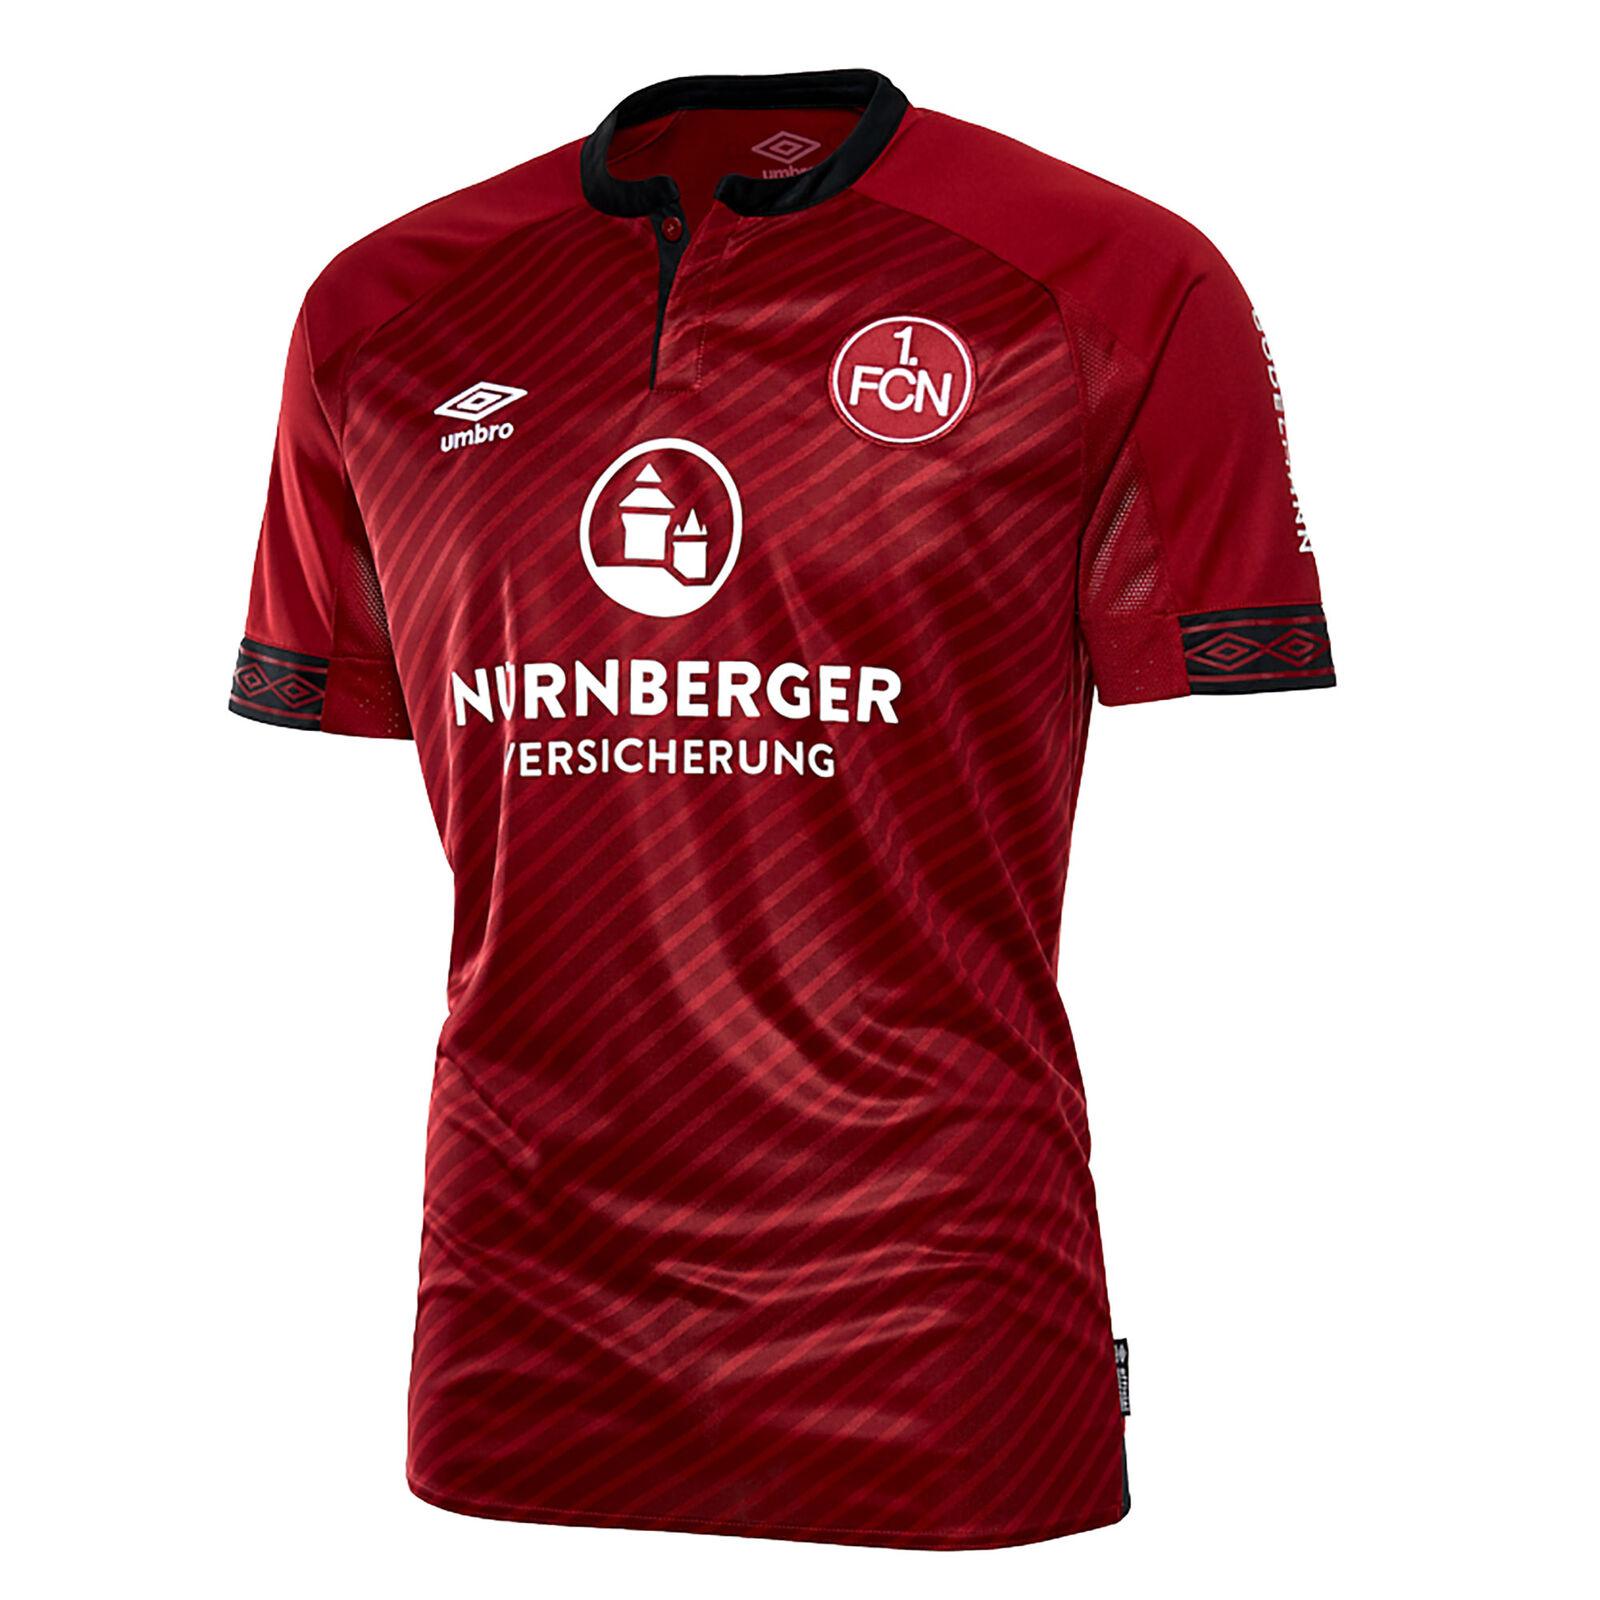 Offiziell FC Nurnberg Heim Shirt Trikot Kurzarm Top 201819 Herren Umbro Fußball